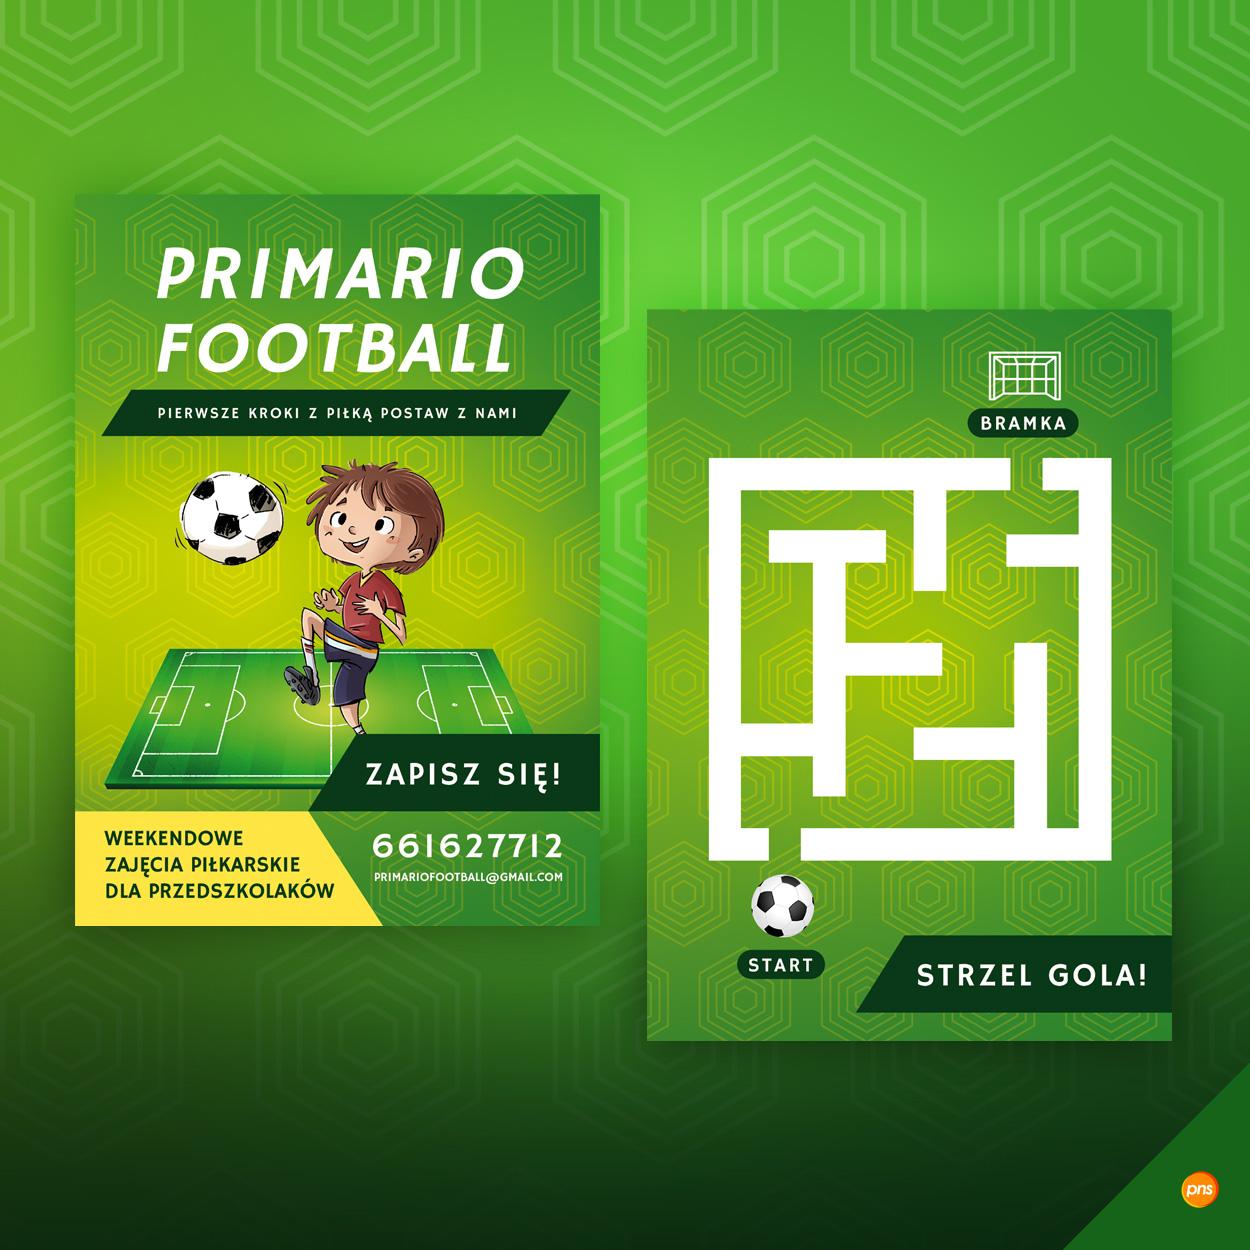 ulotka-zajecia-pilkarskie-dla-dzieci-primaro-football-2